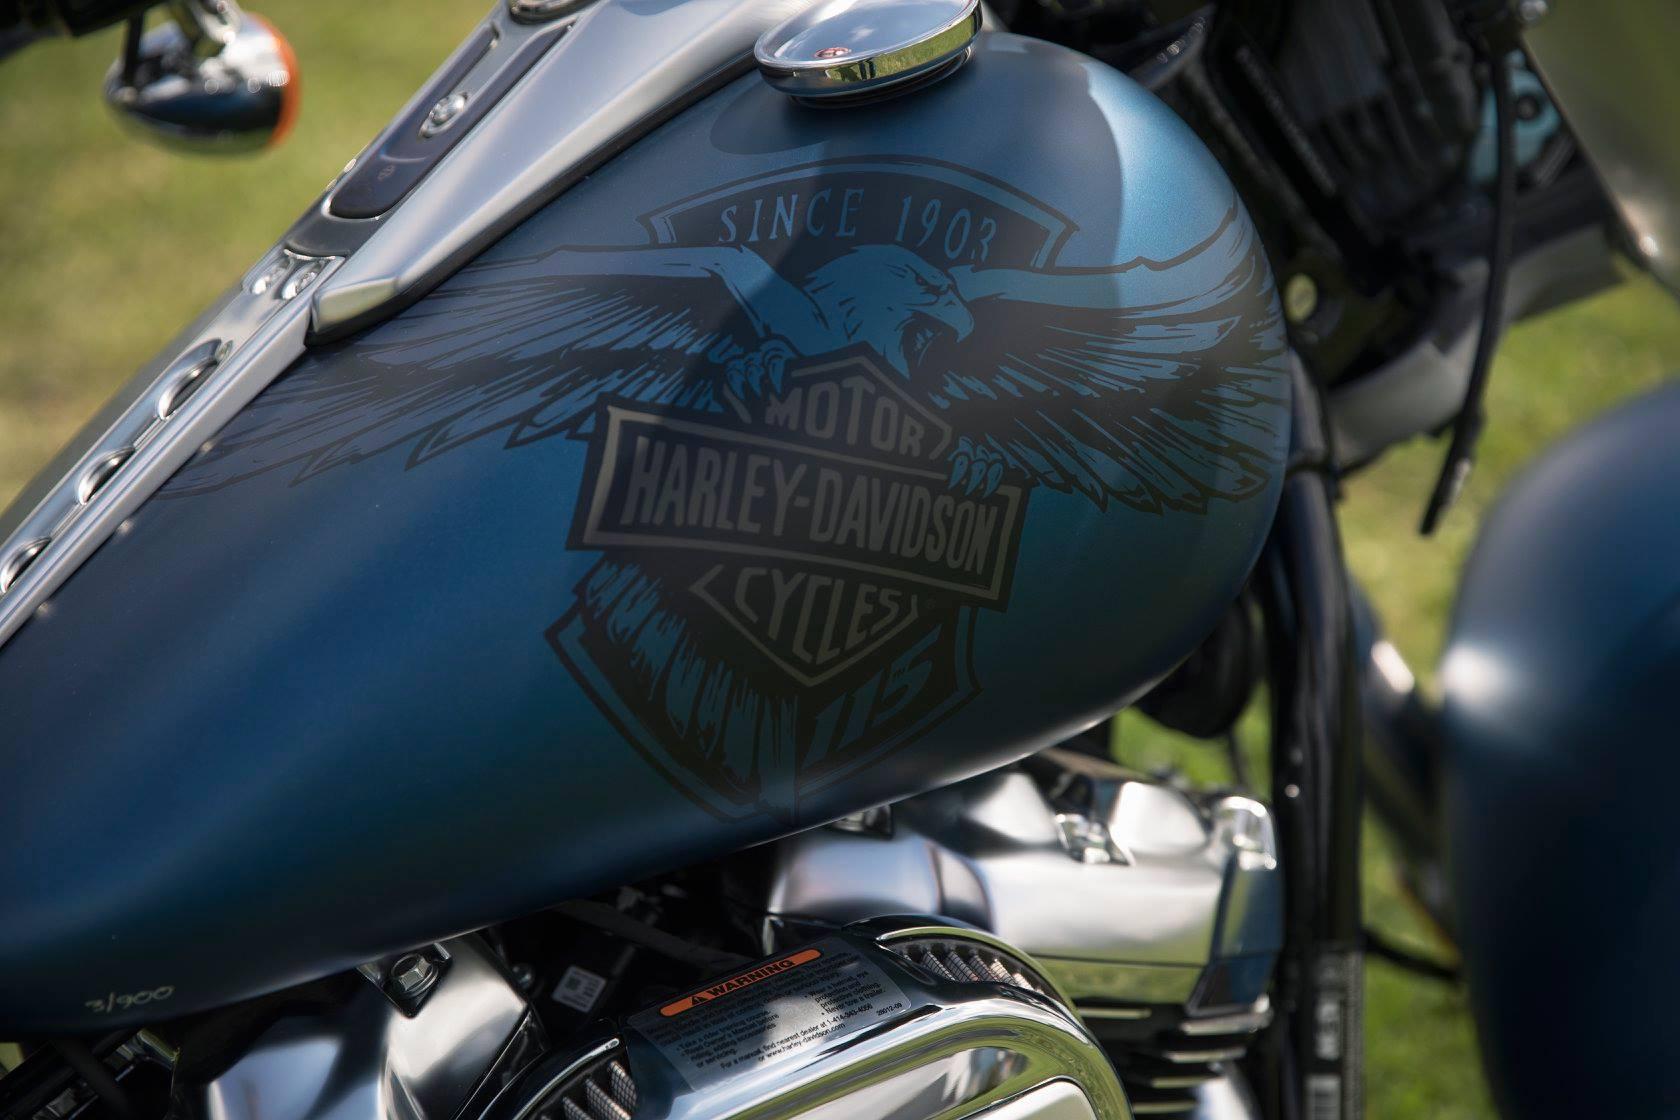 Zanimljivost dana: Harley Davidson slavi 115 godina postojanja